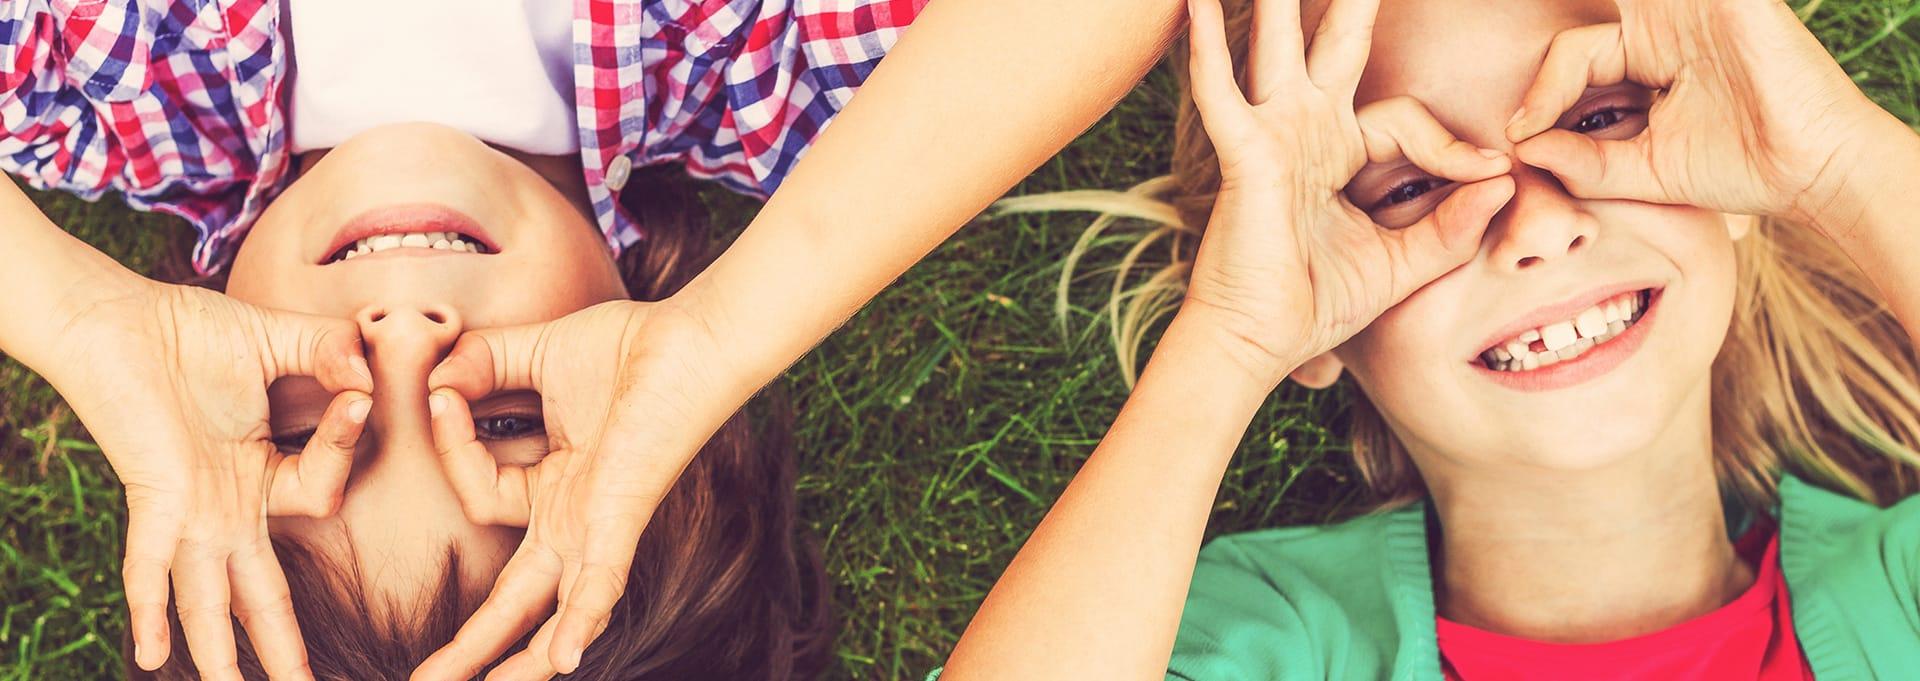 Lèvres - Comment bien prendre soin des lèvres de nos enfants en hiver - Dermophil